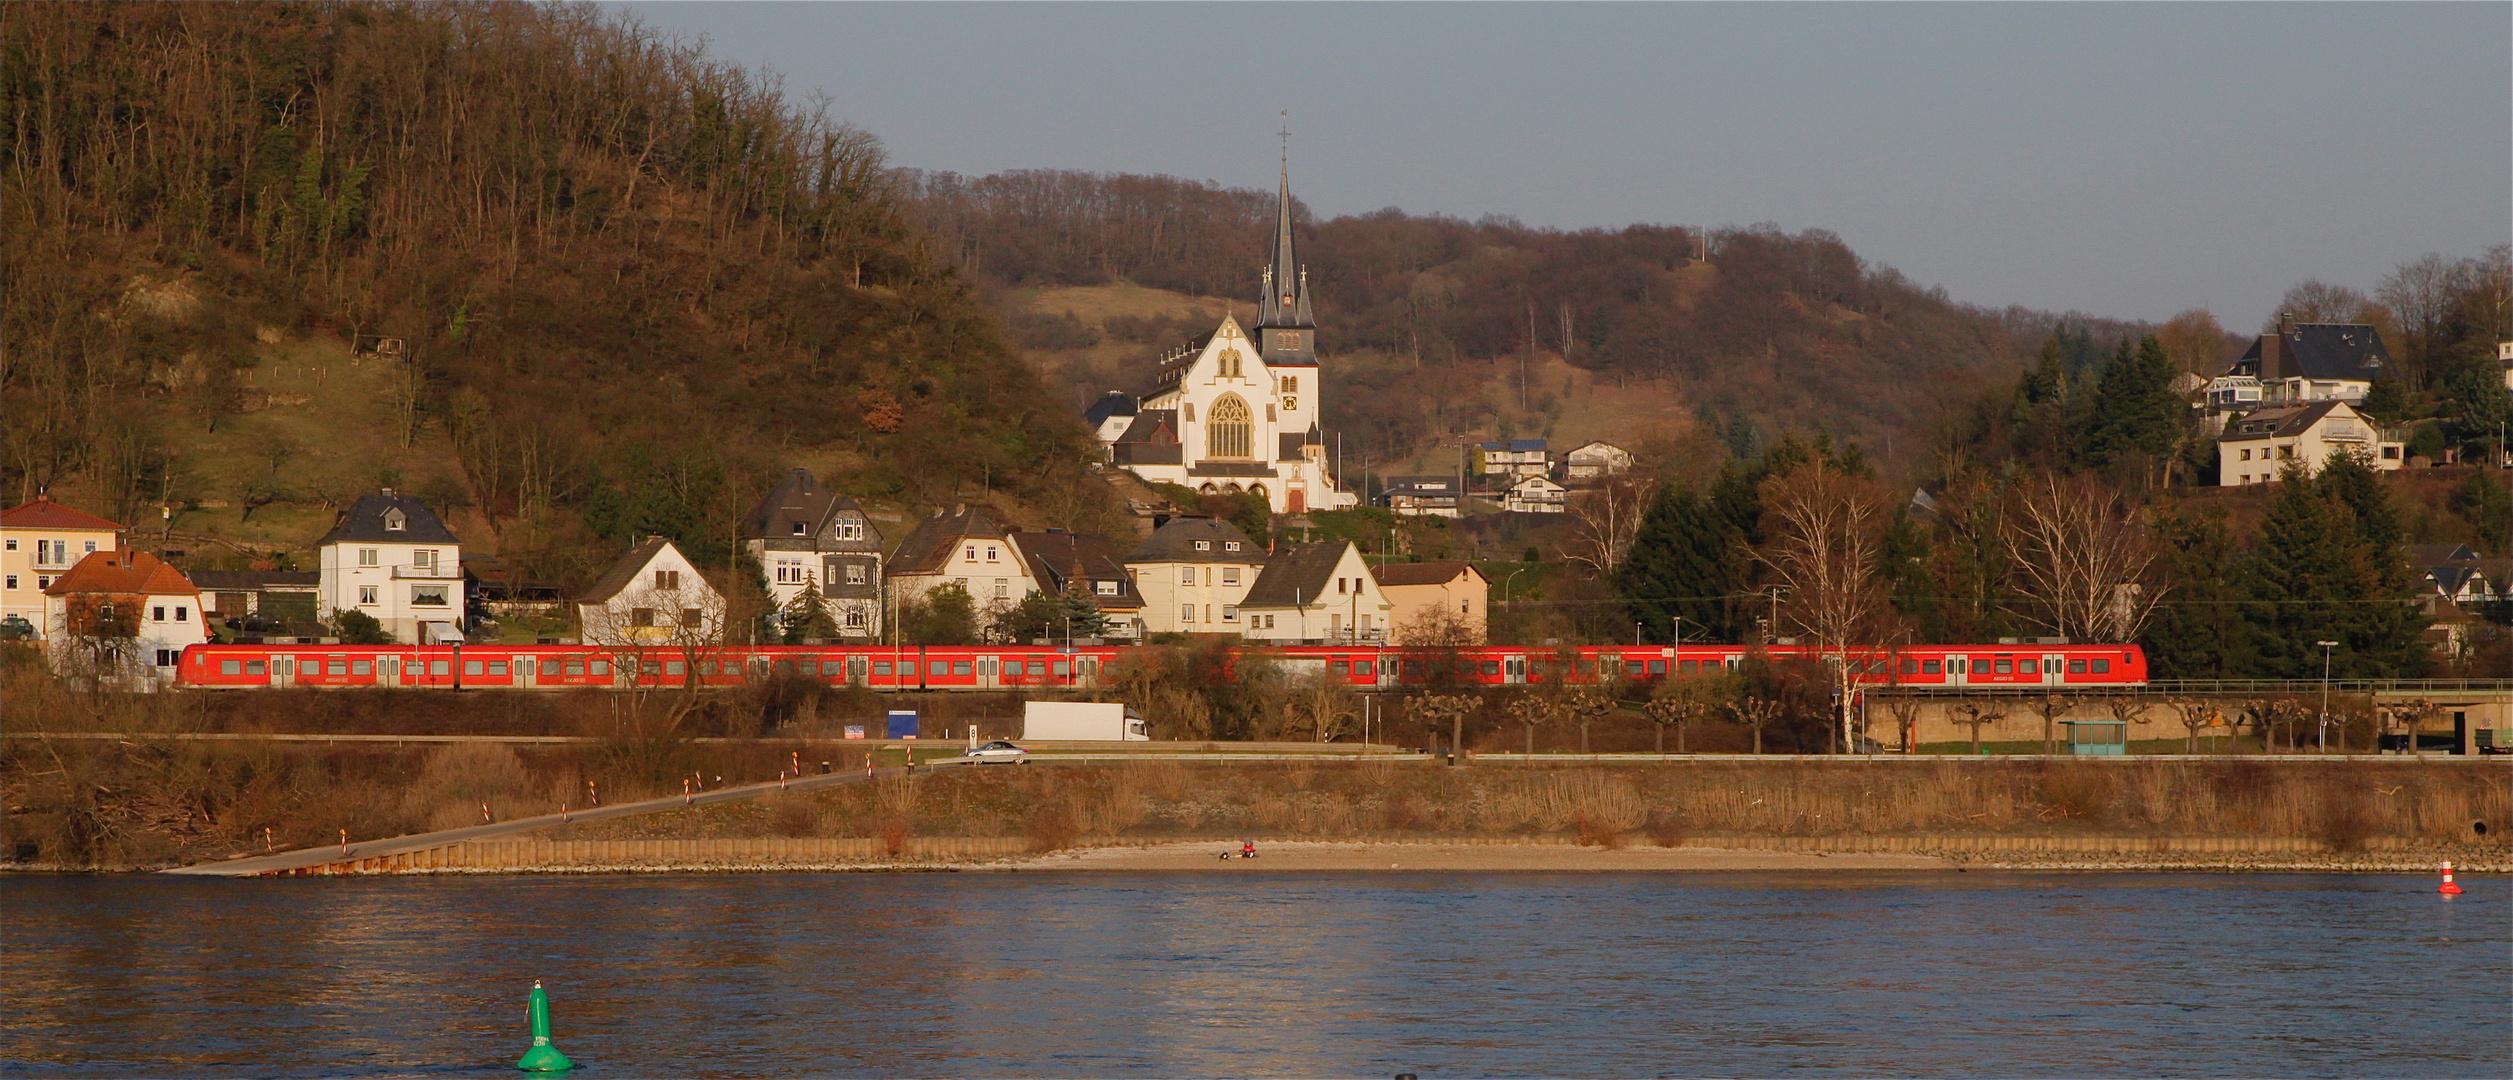 Die weiße Kirche am Rhein